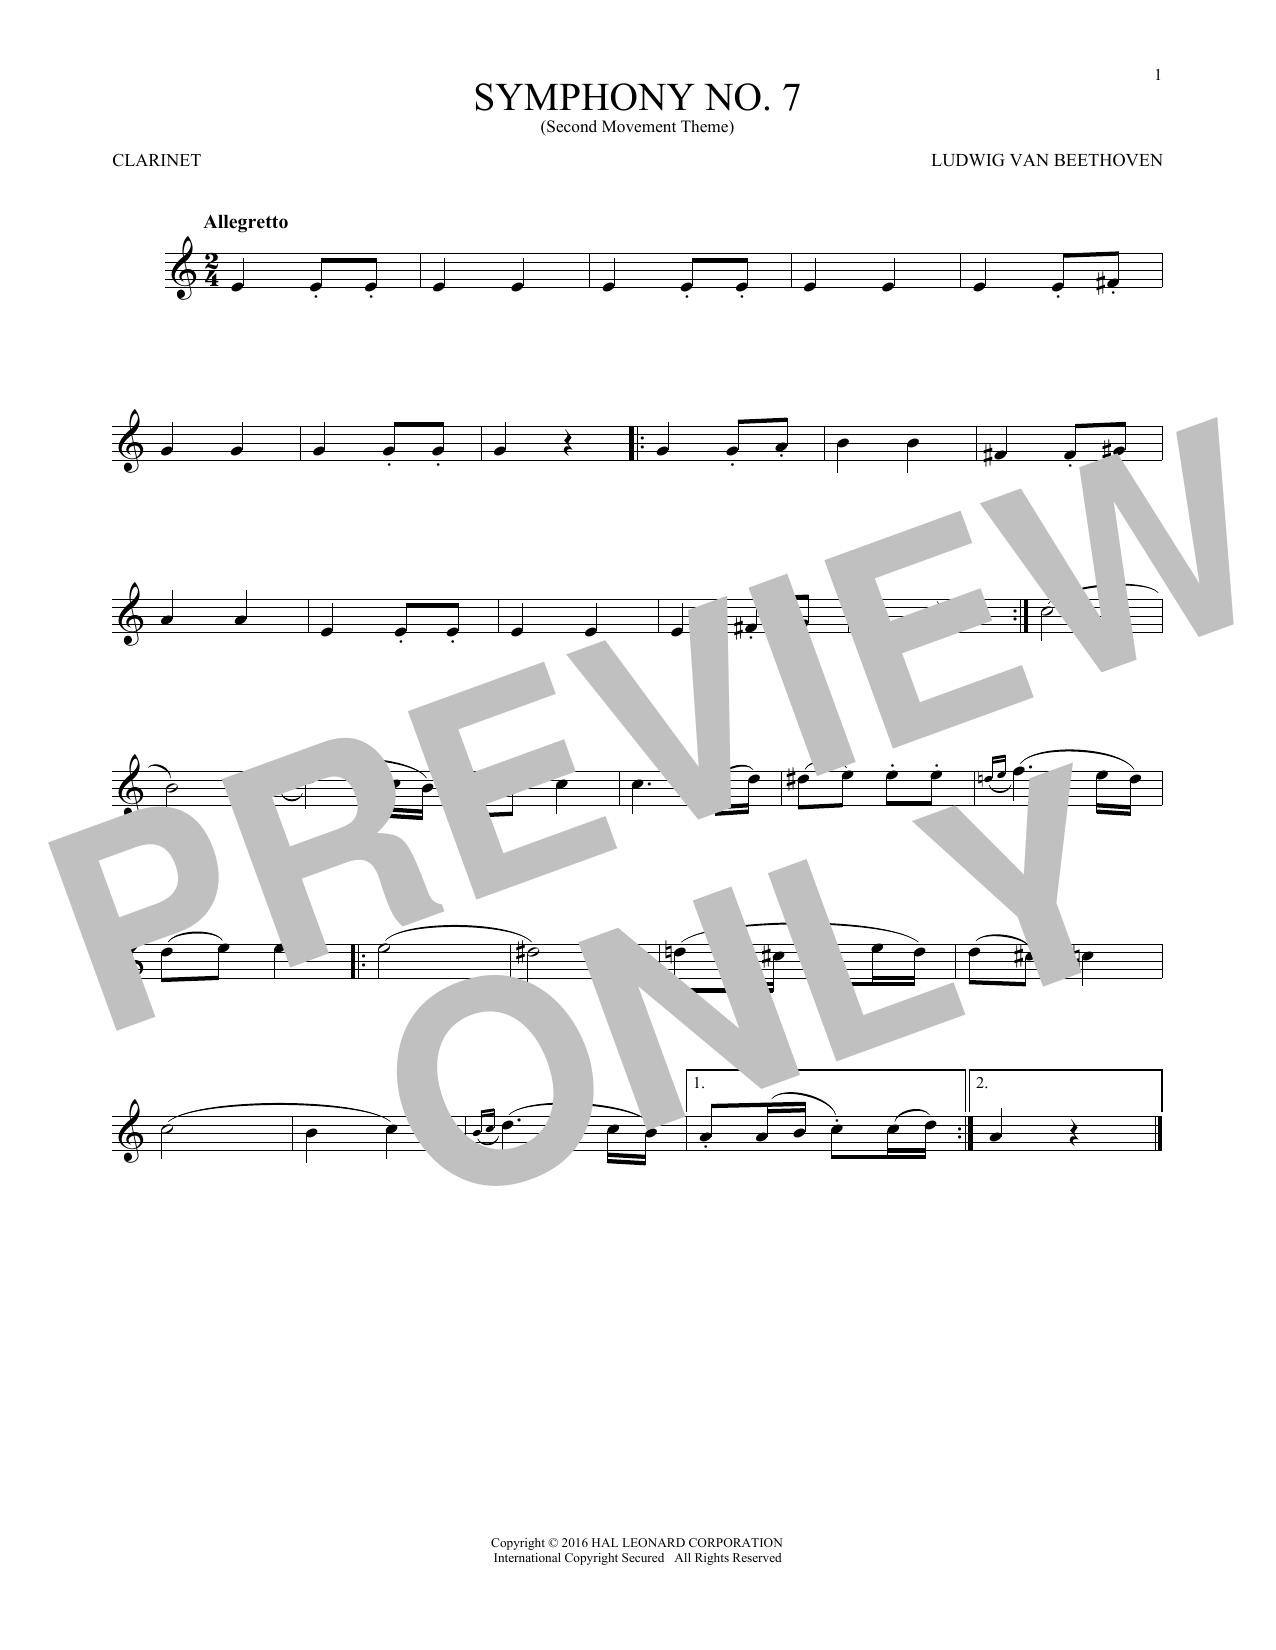 Symphony No. 7 In A Major, Second Movement (Allegretto) (Clarinet Solo)